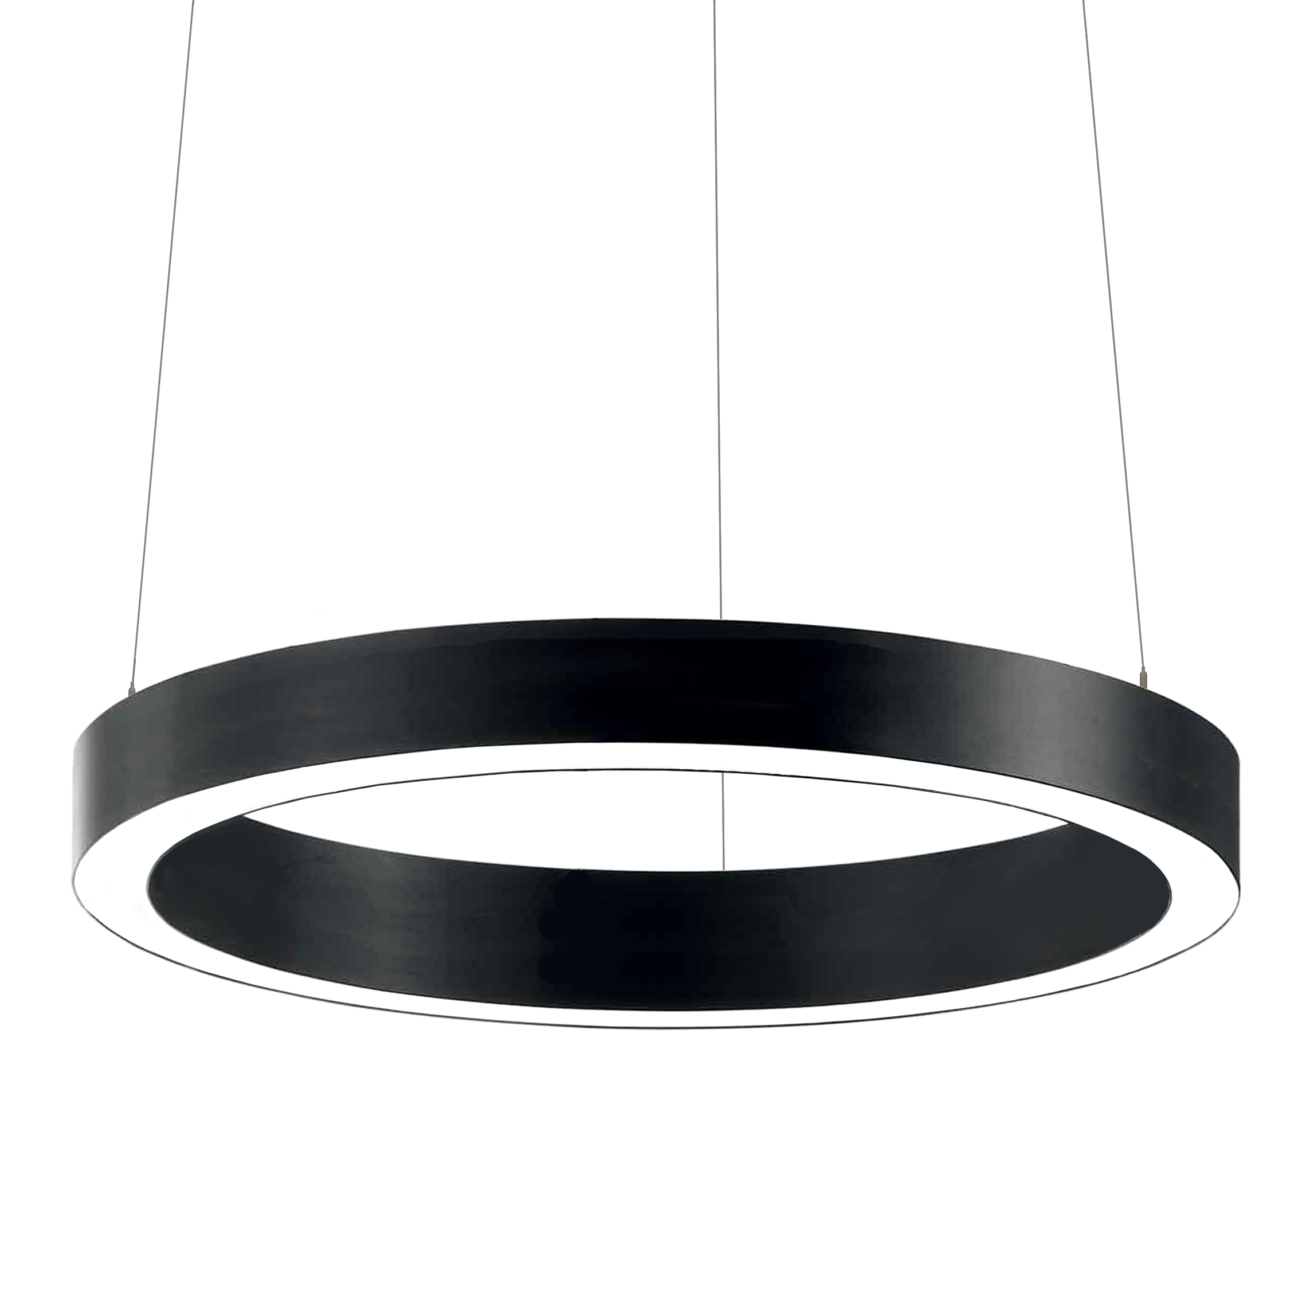 Светильник Ring 5060-1500мм. 4000К/3000К. 74W/152W купить в Казани